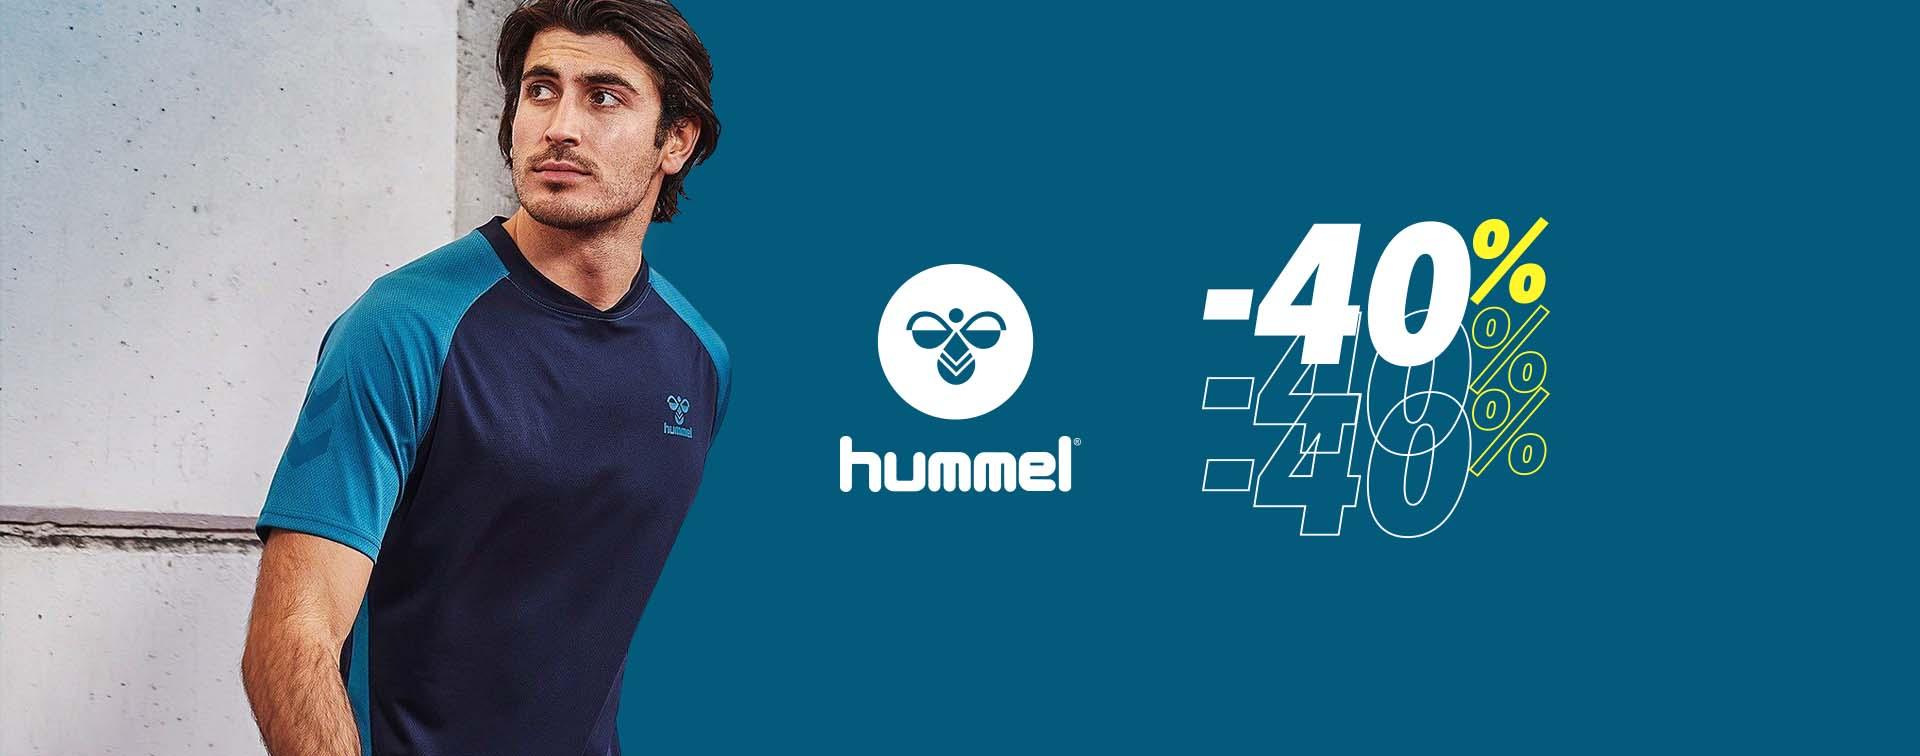 hummel handball